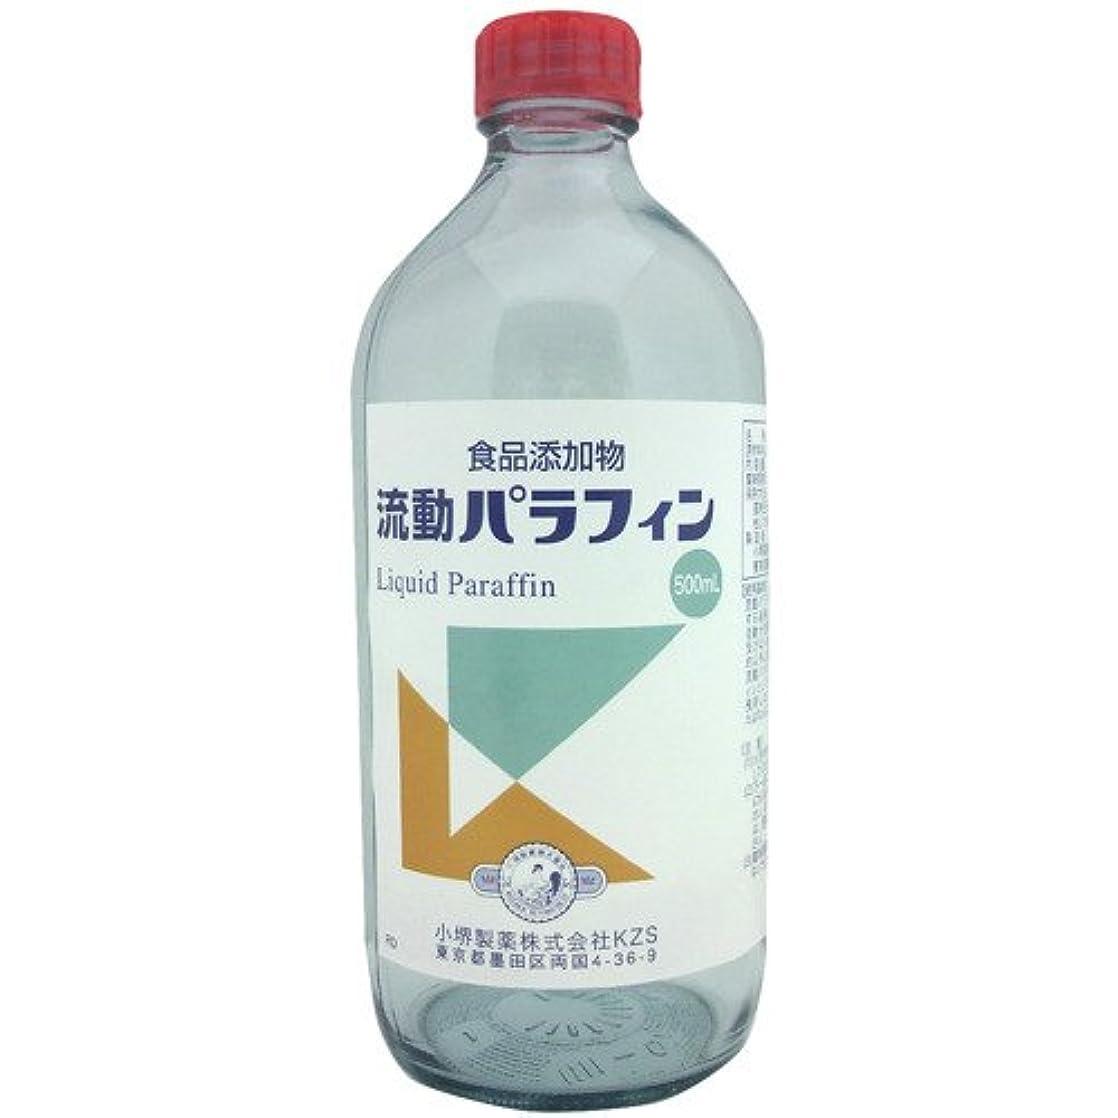 反逆晩餐暗記する小堺製薬 流動パラフィン(食添) 500mL